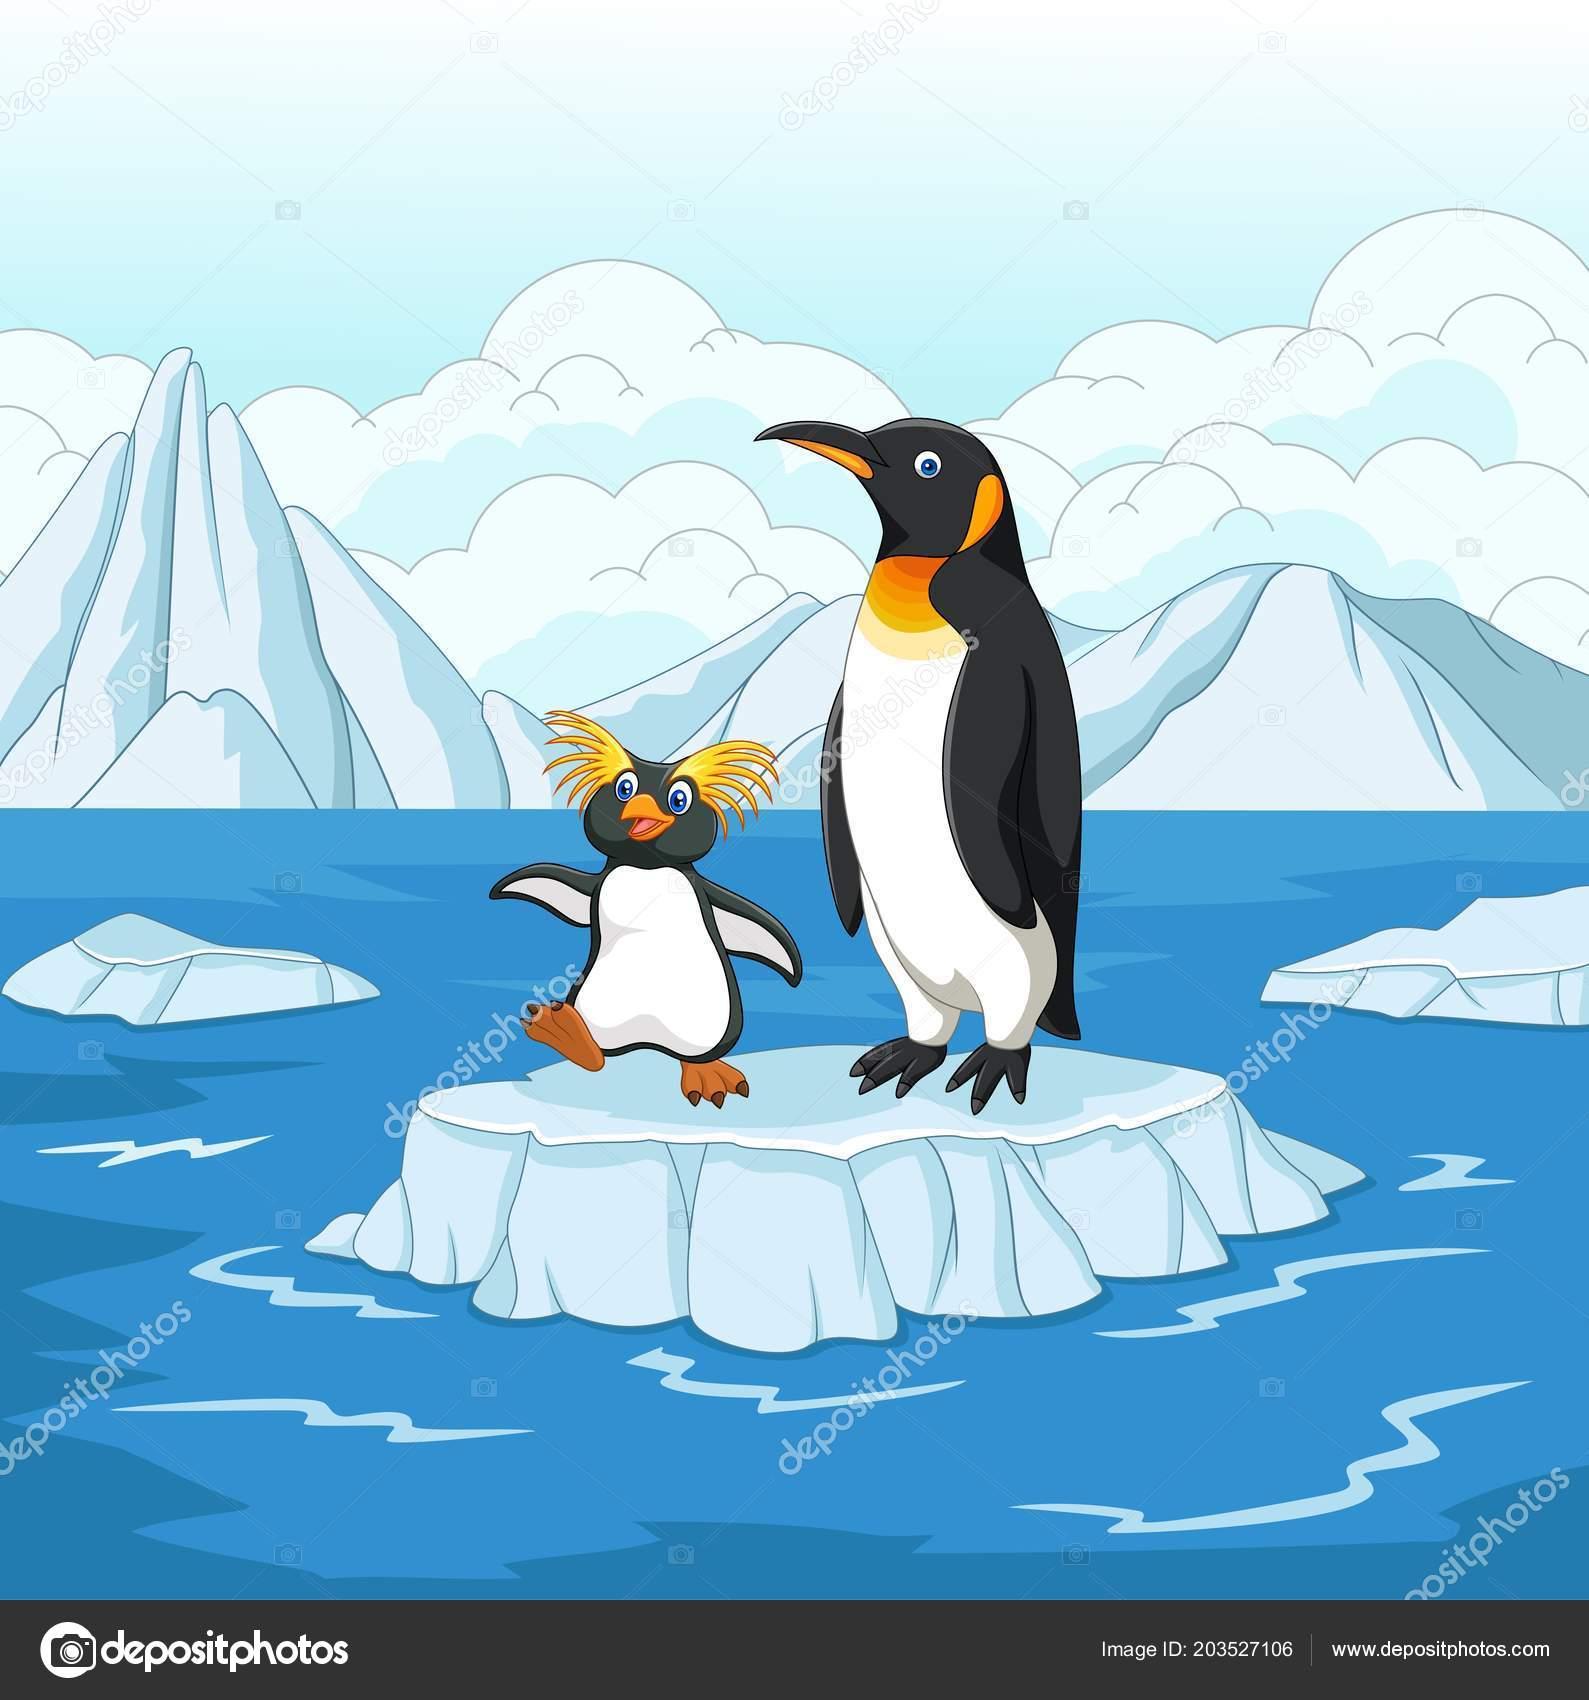 Pingouin dessin anim jouant sur banquise image - Dessin banquise ...